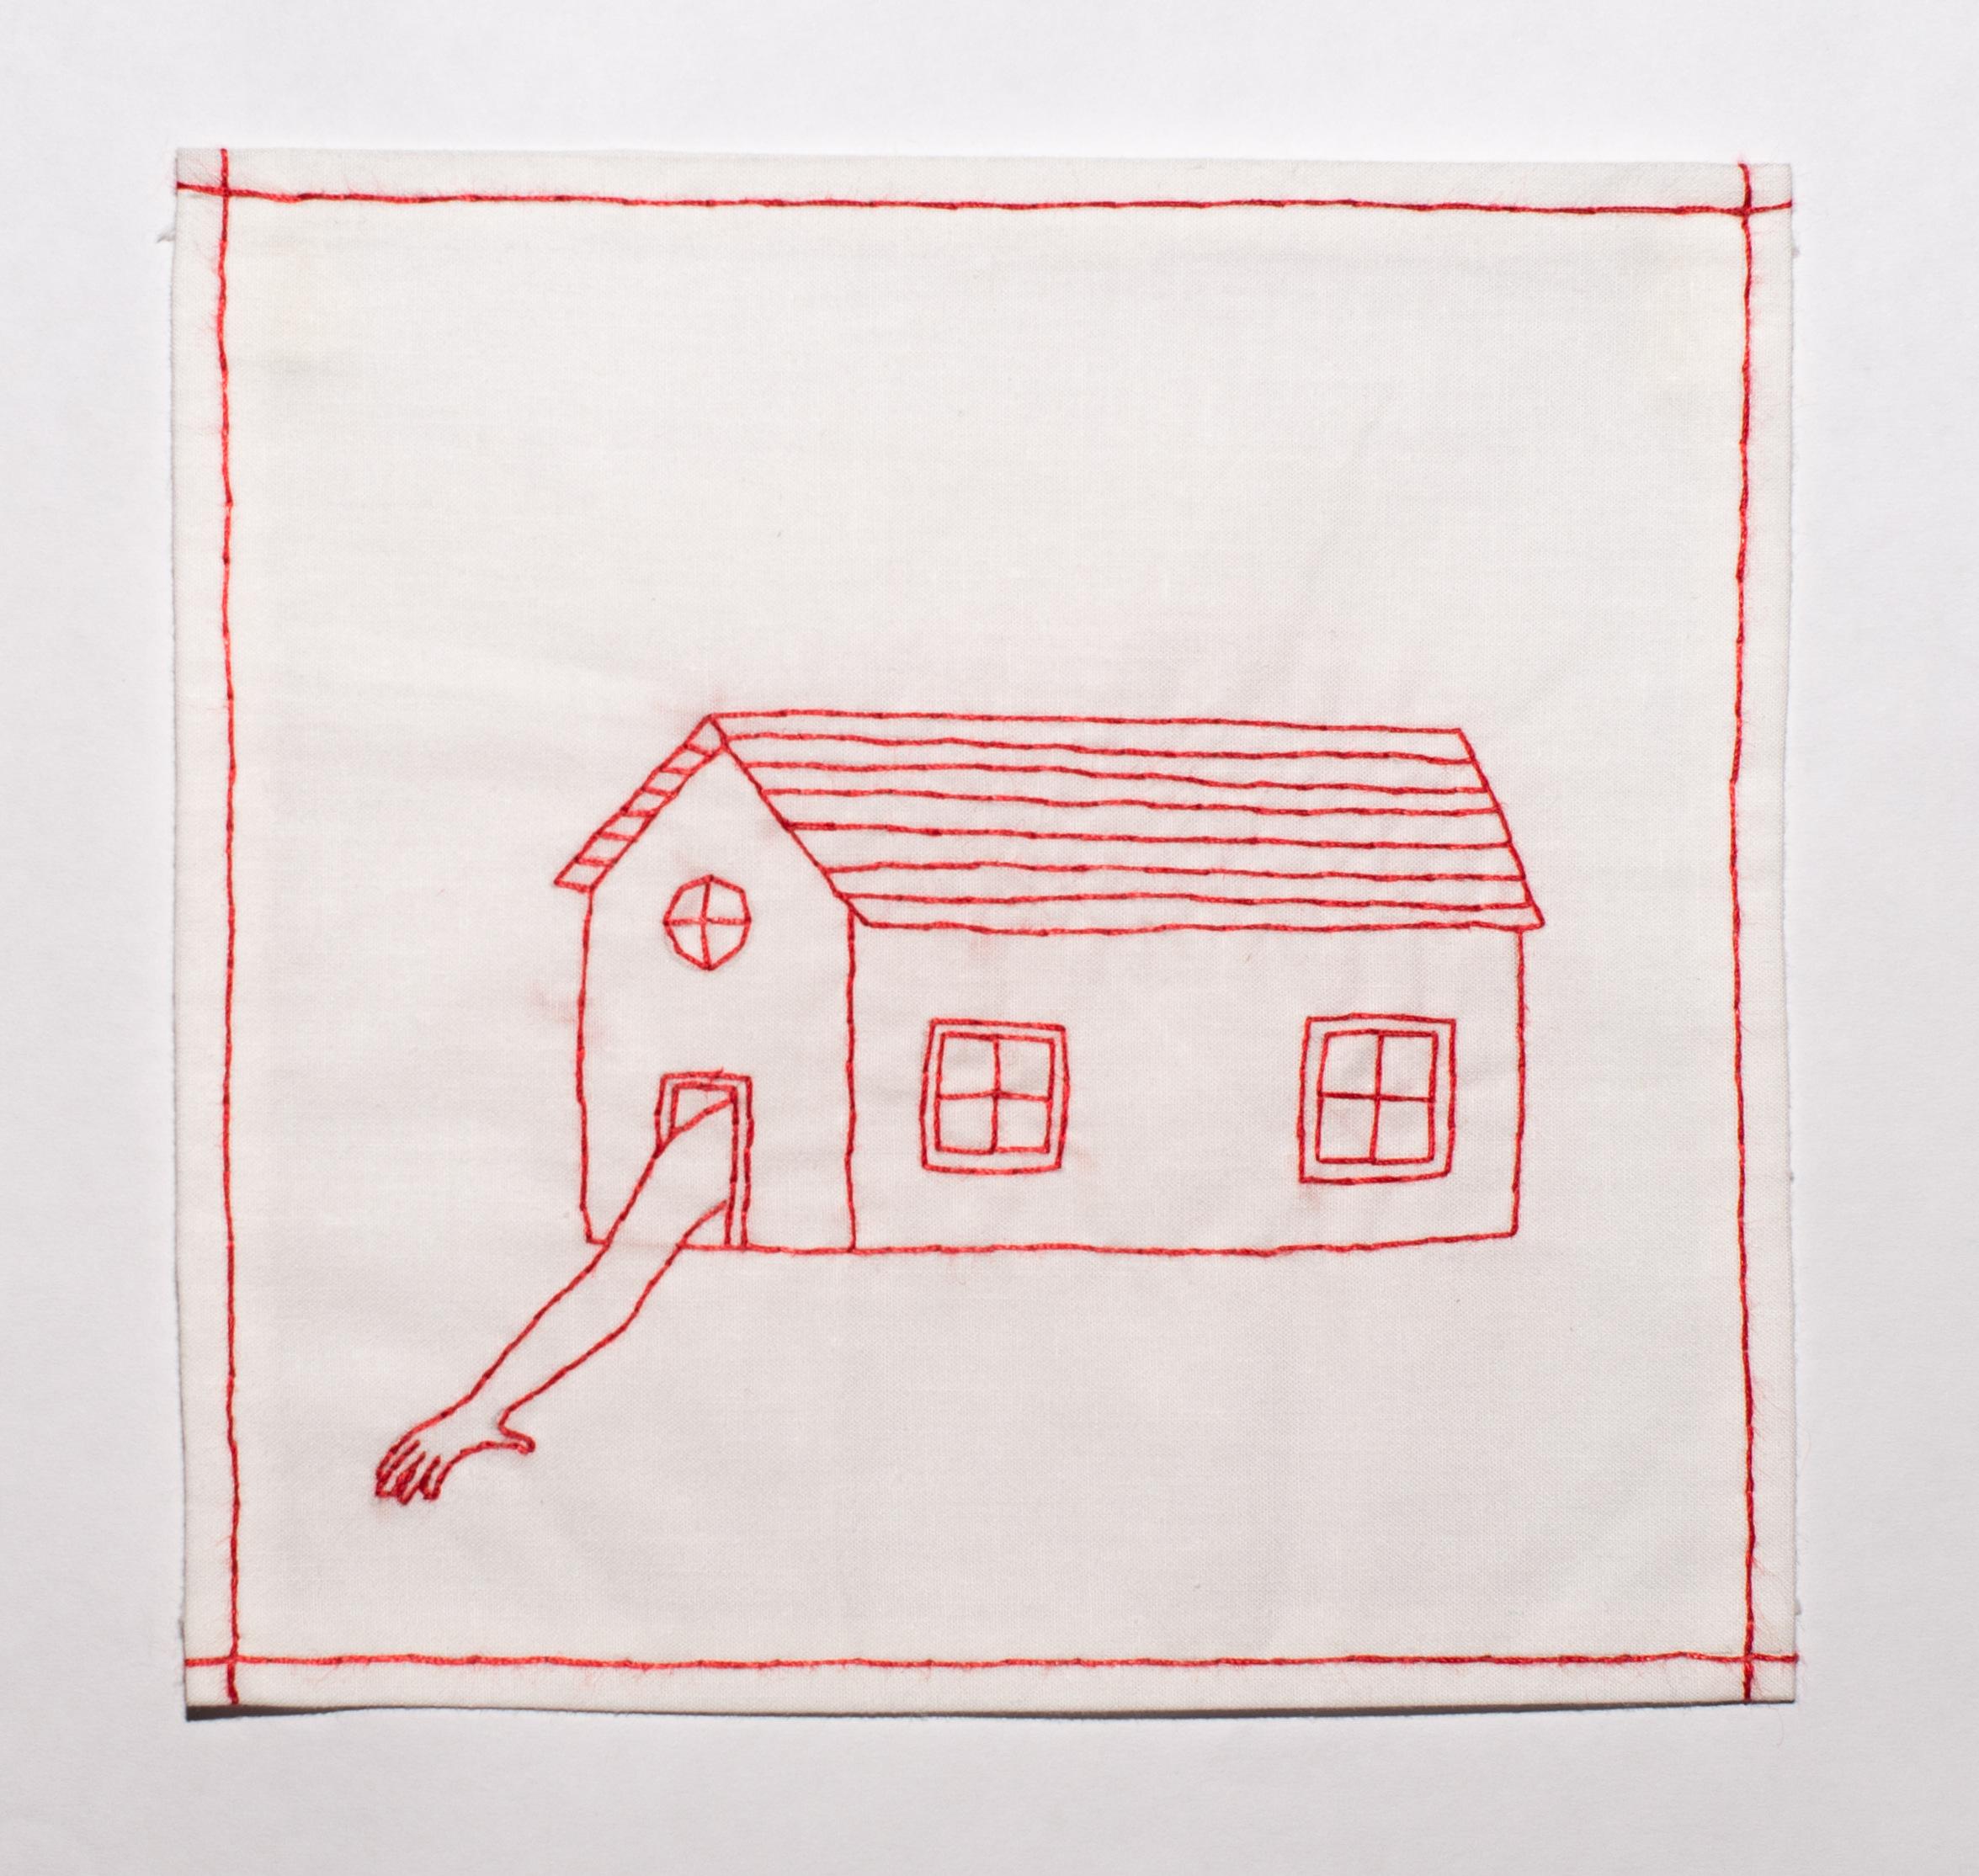 [quase] um lar para habitar, 2017